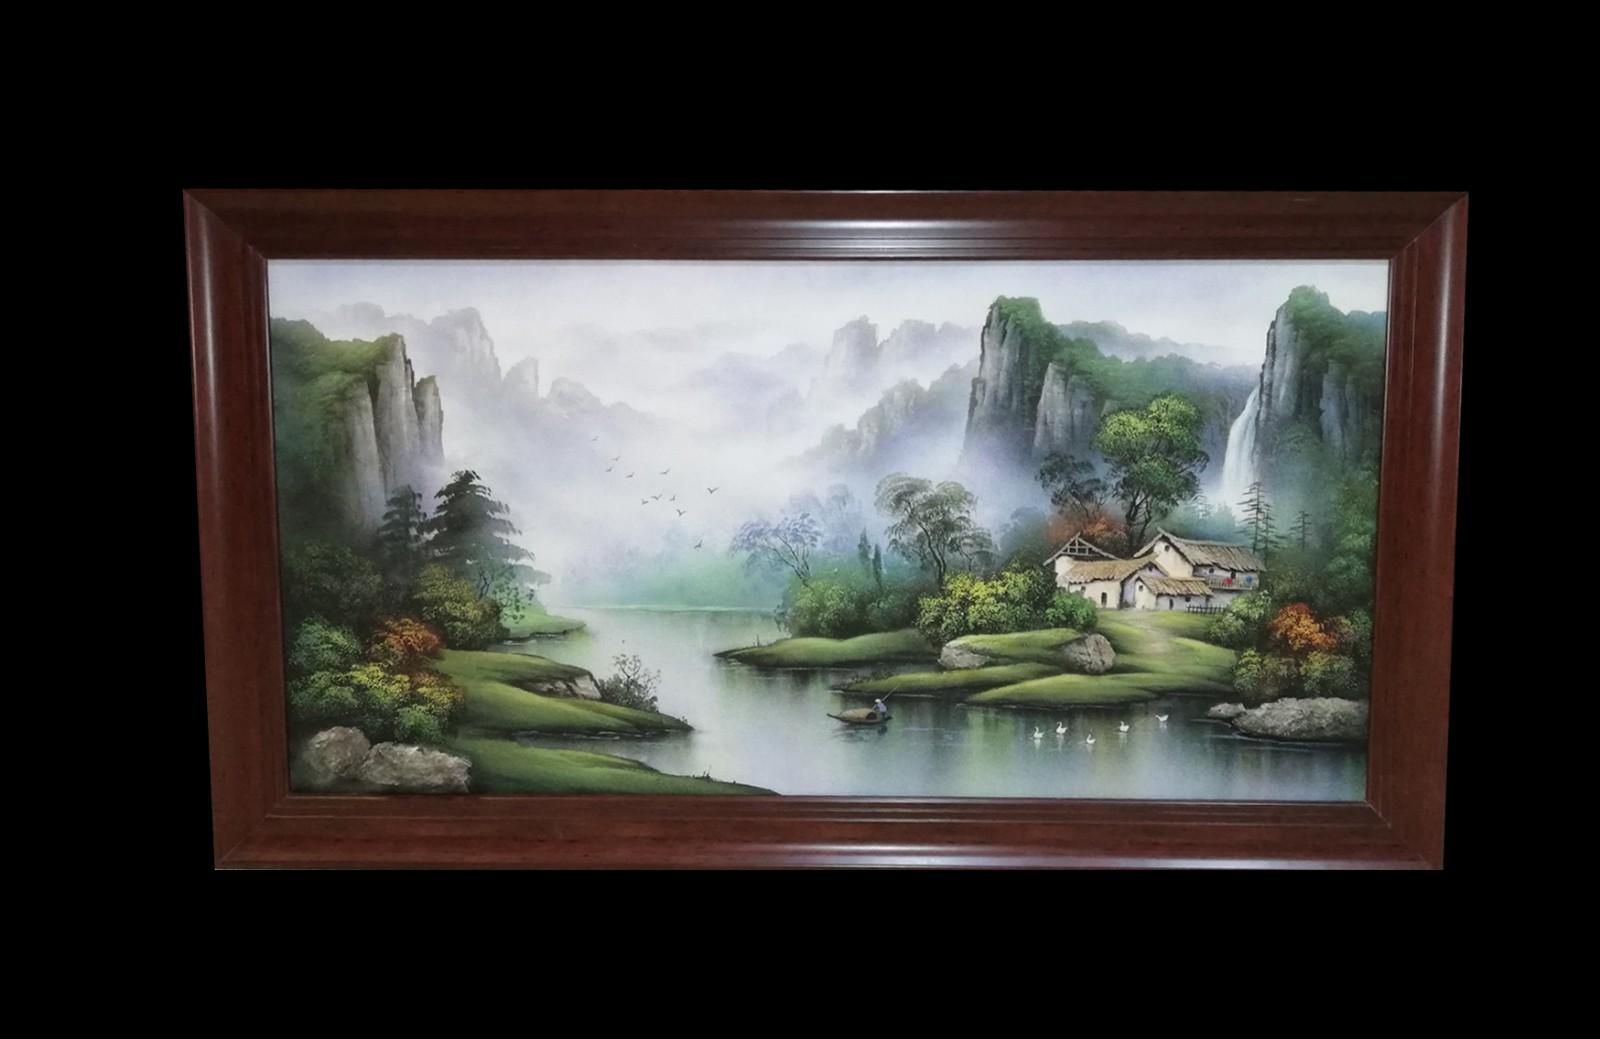 青山绿水居福地